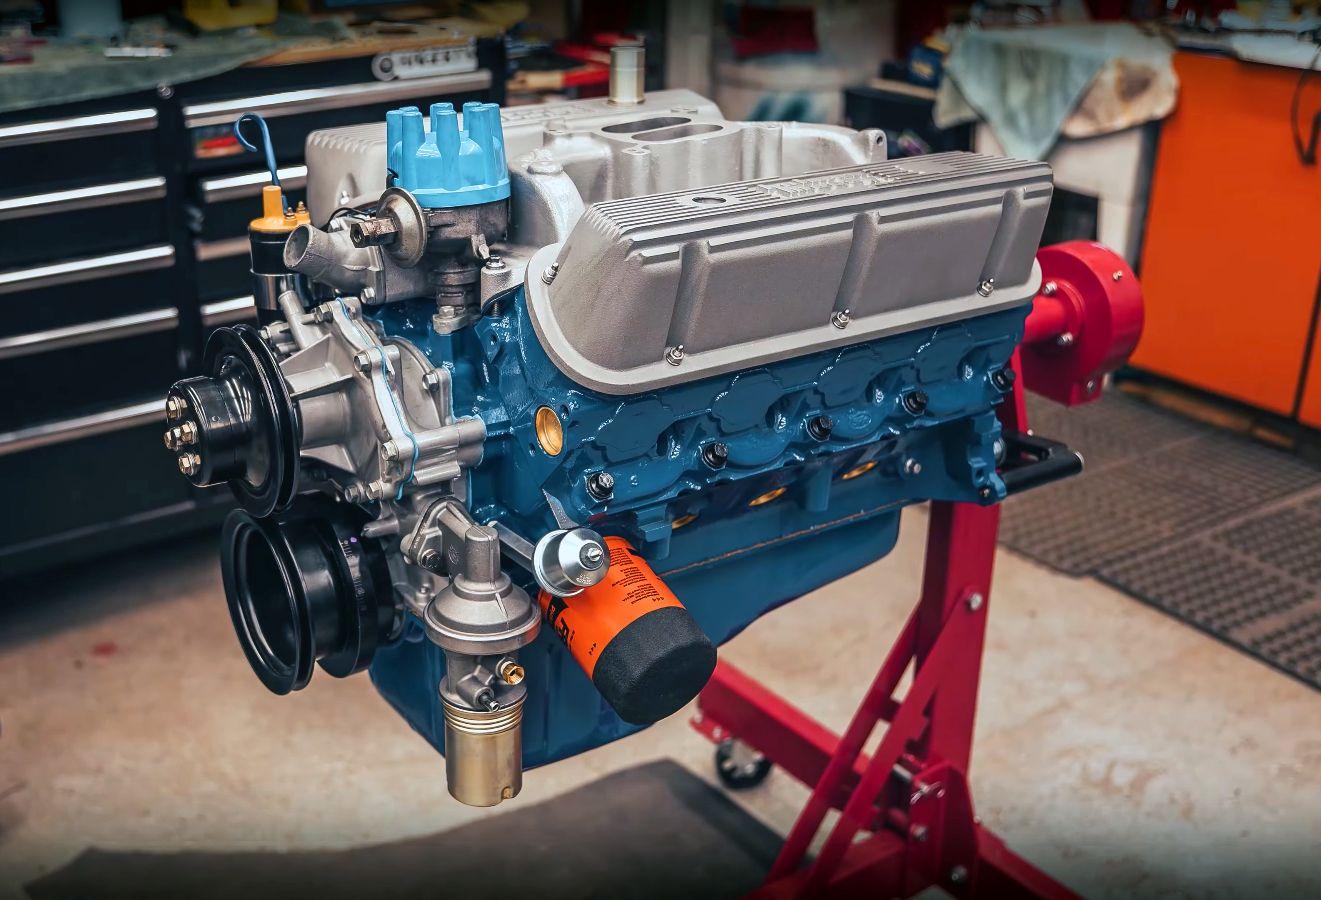 Time-Lapse Ford 289 Windsor V8 Engine Rebuild - ENJOY